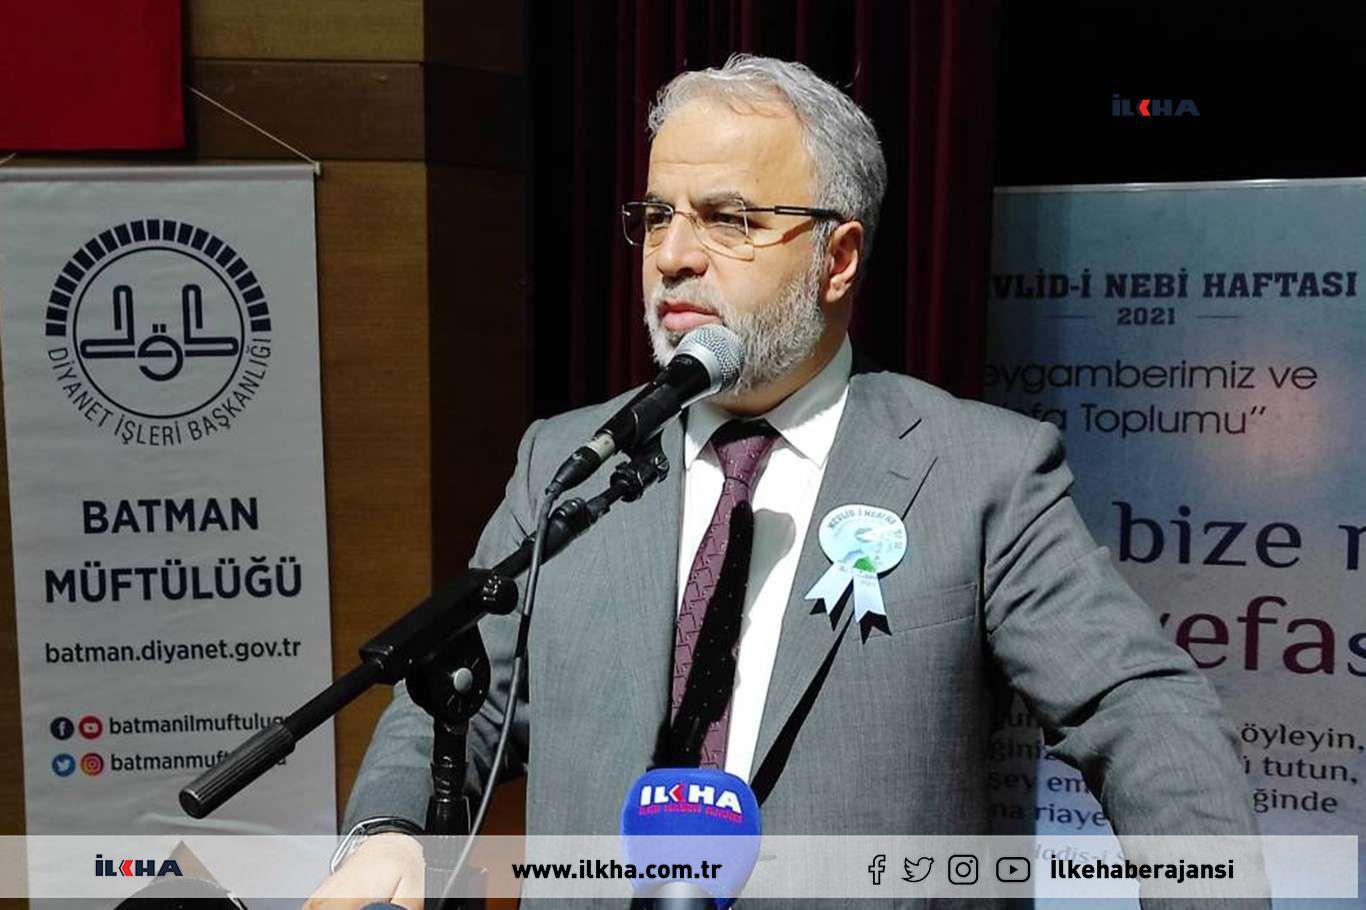 Dr. Burhan İşliyen: Allah'a verdiğimiz söze vefa göstermeyi hatırlayamaz hale geldik